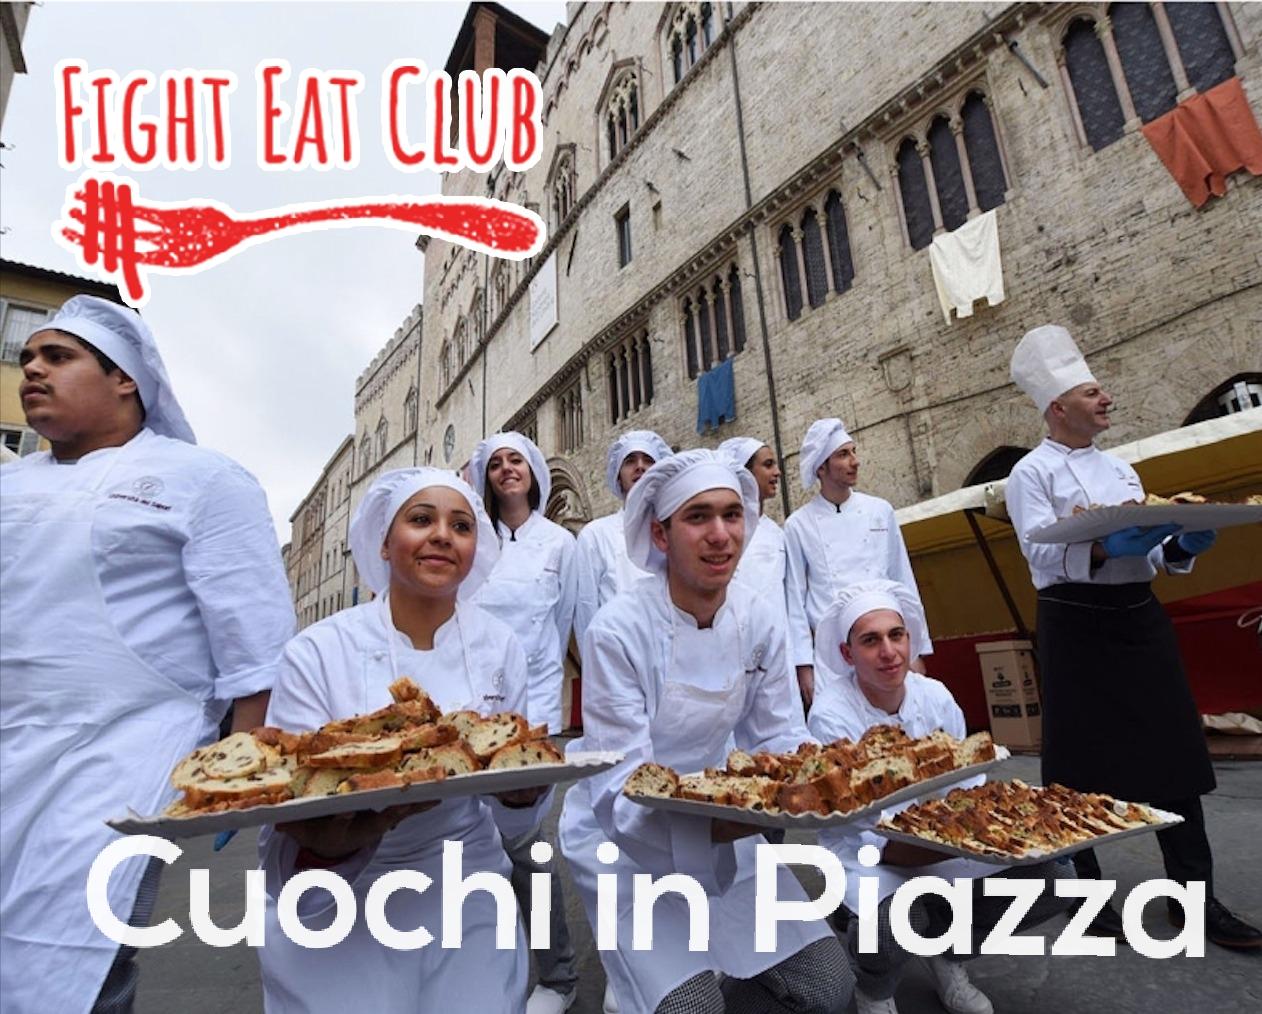 Cuochi in Piazza il nuovo format di Fight Eat Club